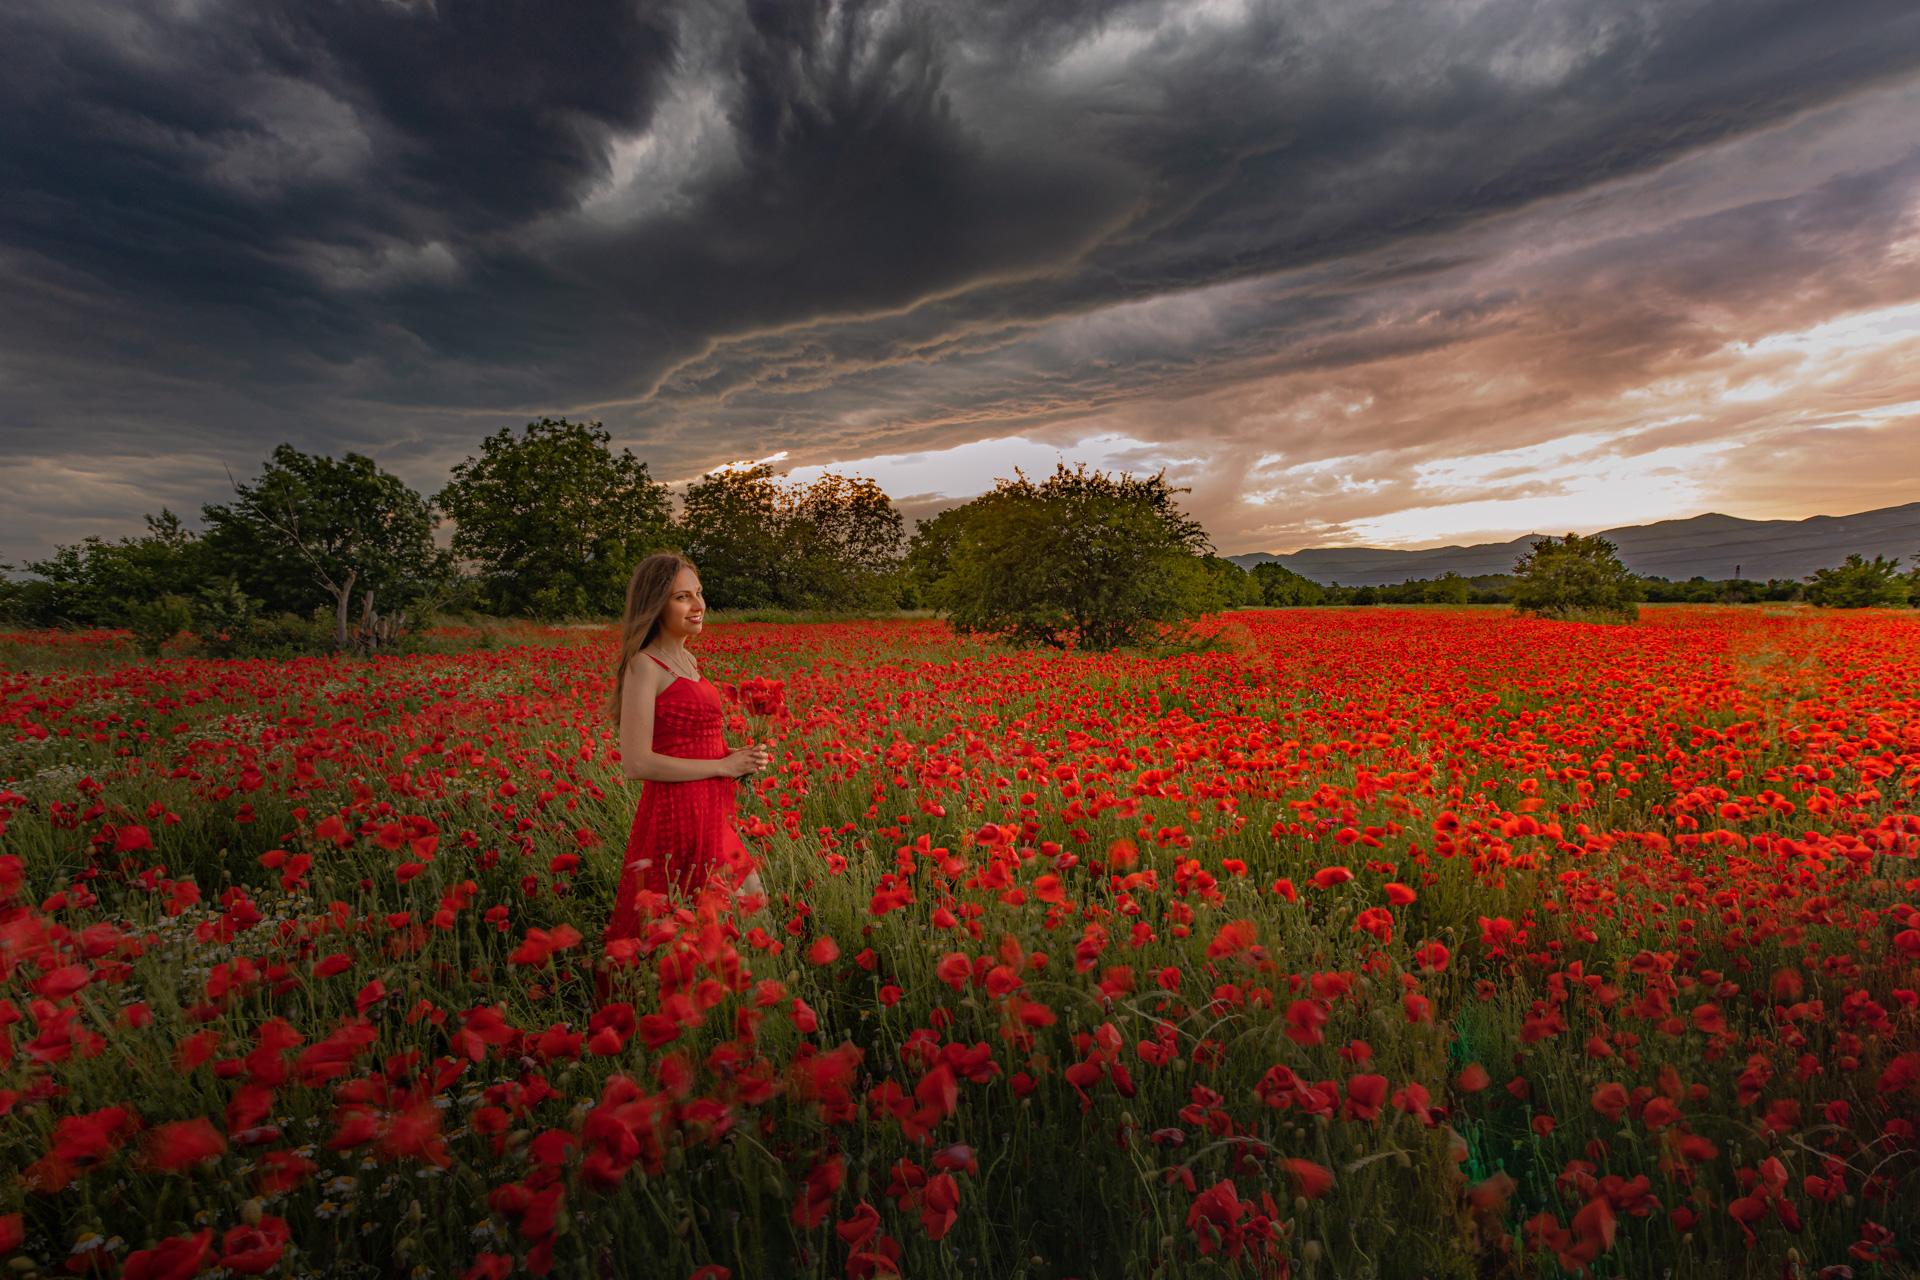 Йоана... | Author Plamen Penov - Plpenov | PHOTO FORUM